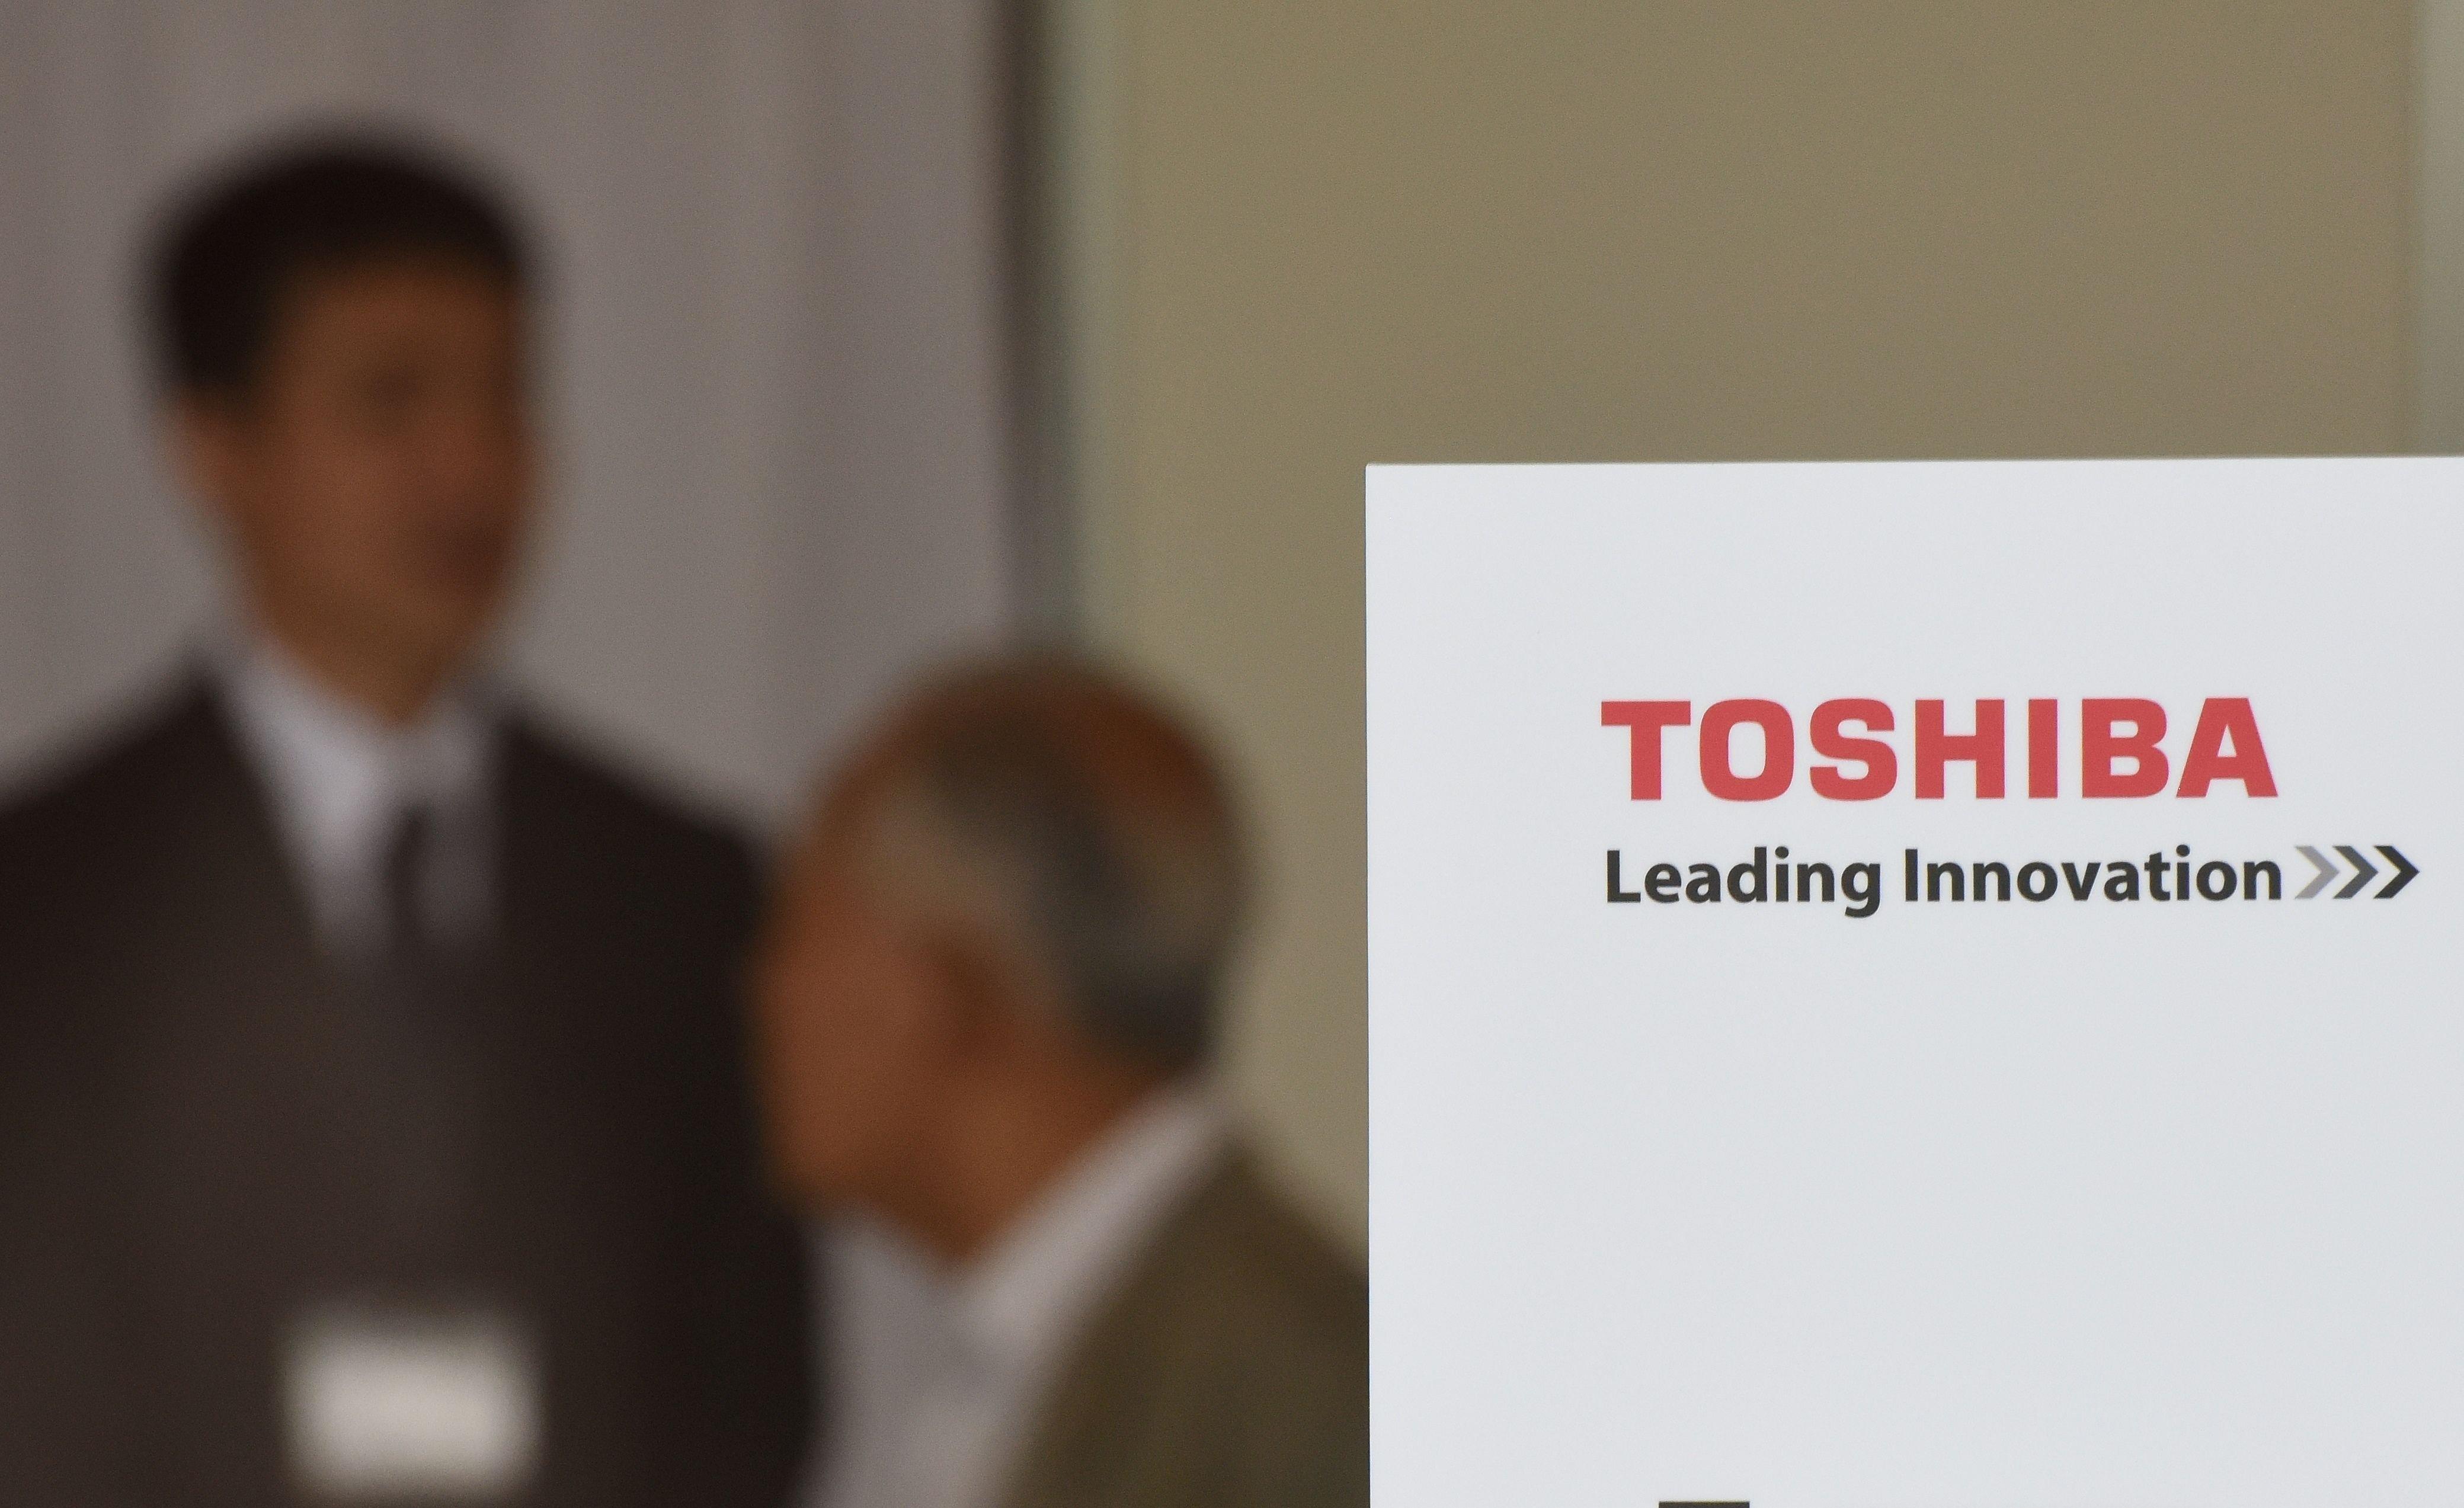 Western Digital согласилась не препятствовать продаже полупроводникового бизнеса Toshiba